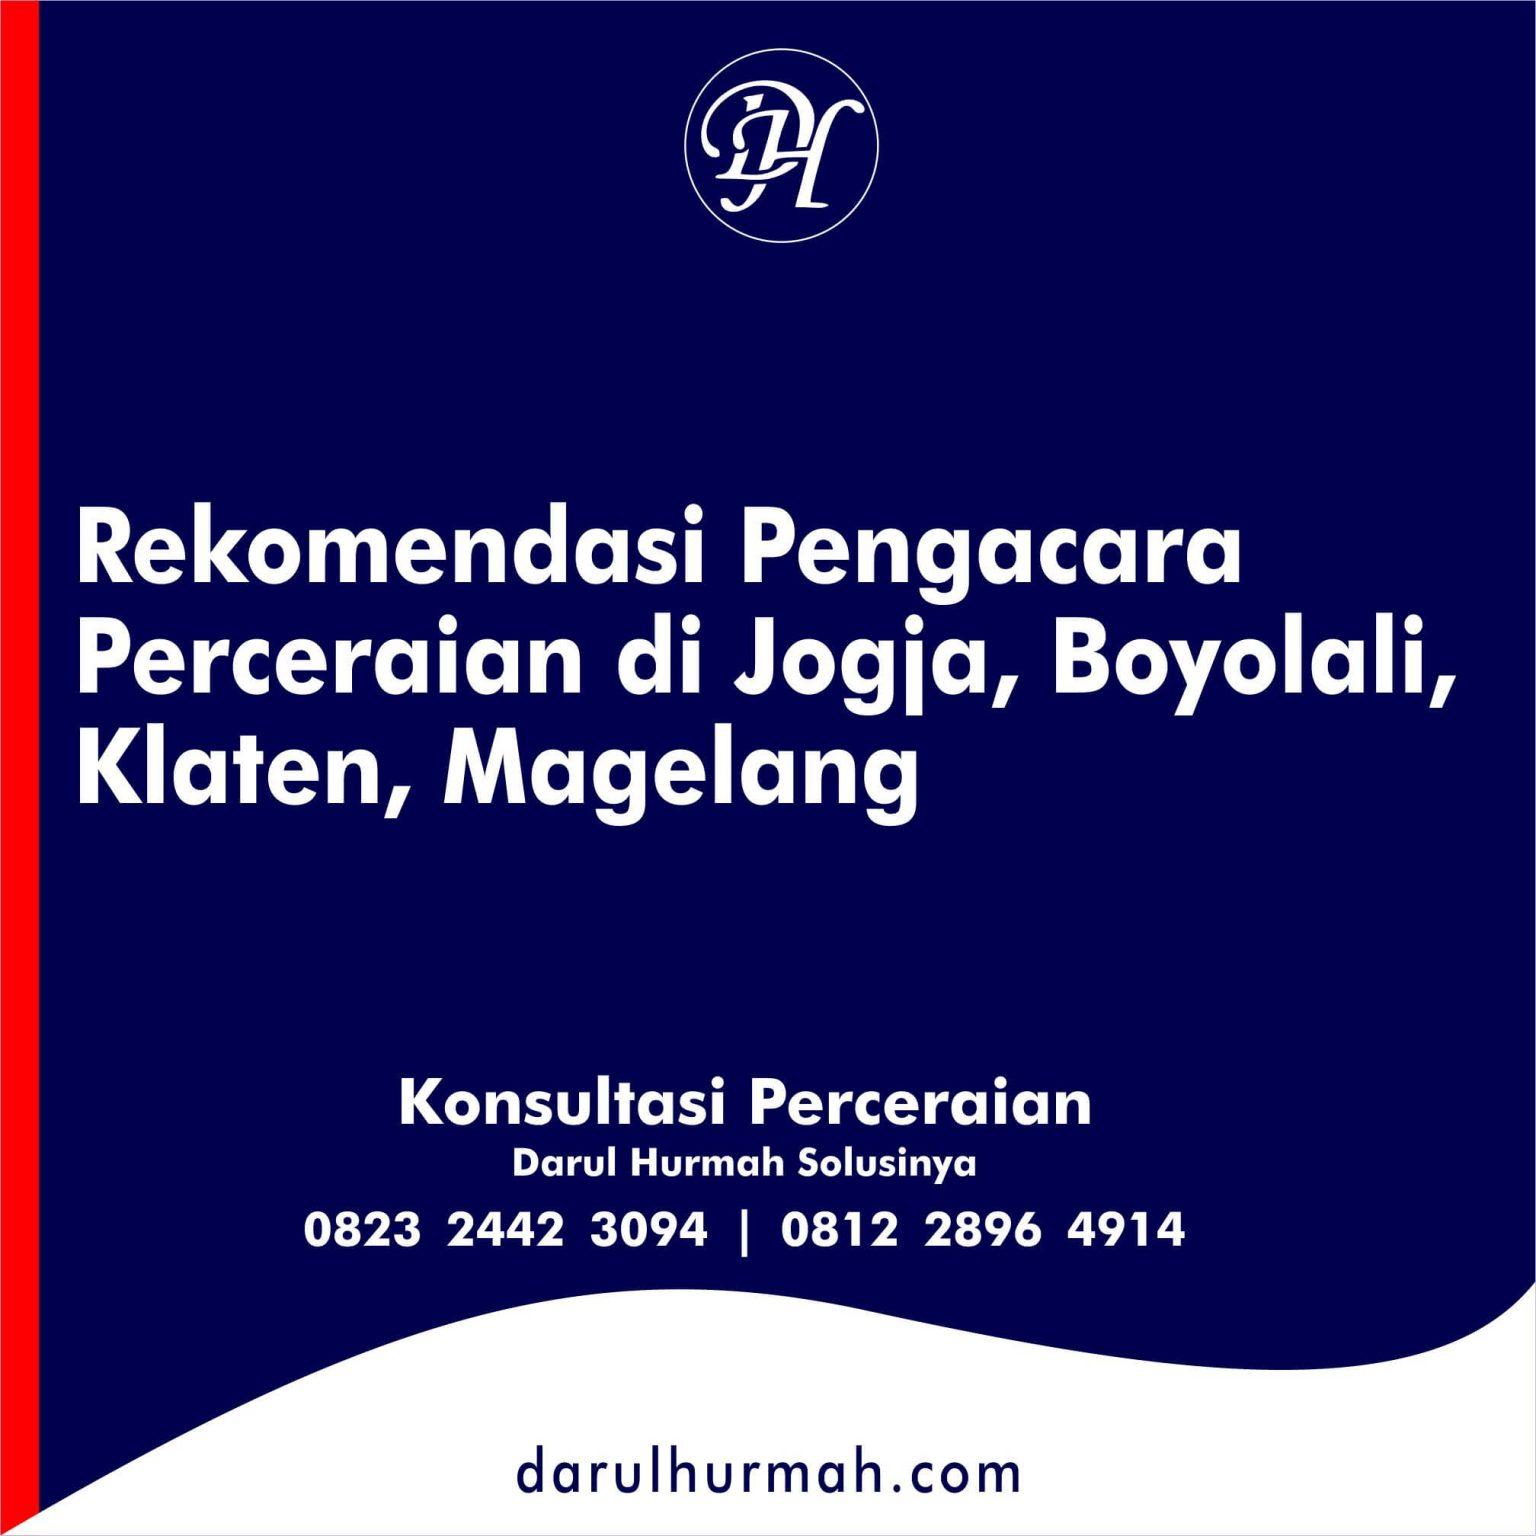 32. Rekomendasi Pengacara Perceraian di Jogja, Boyolali, Klaten, Magelang